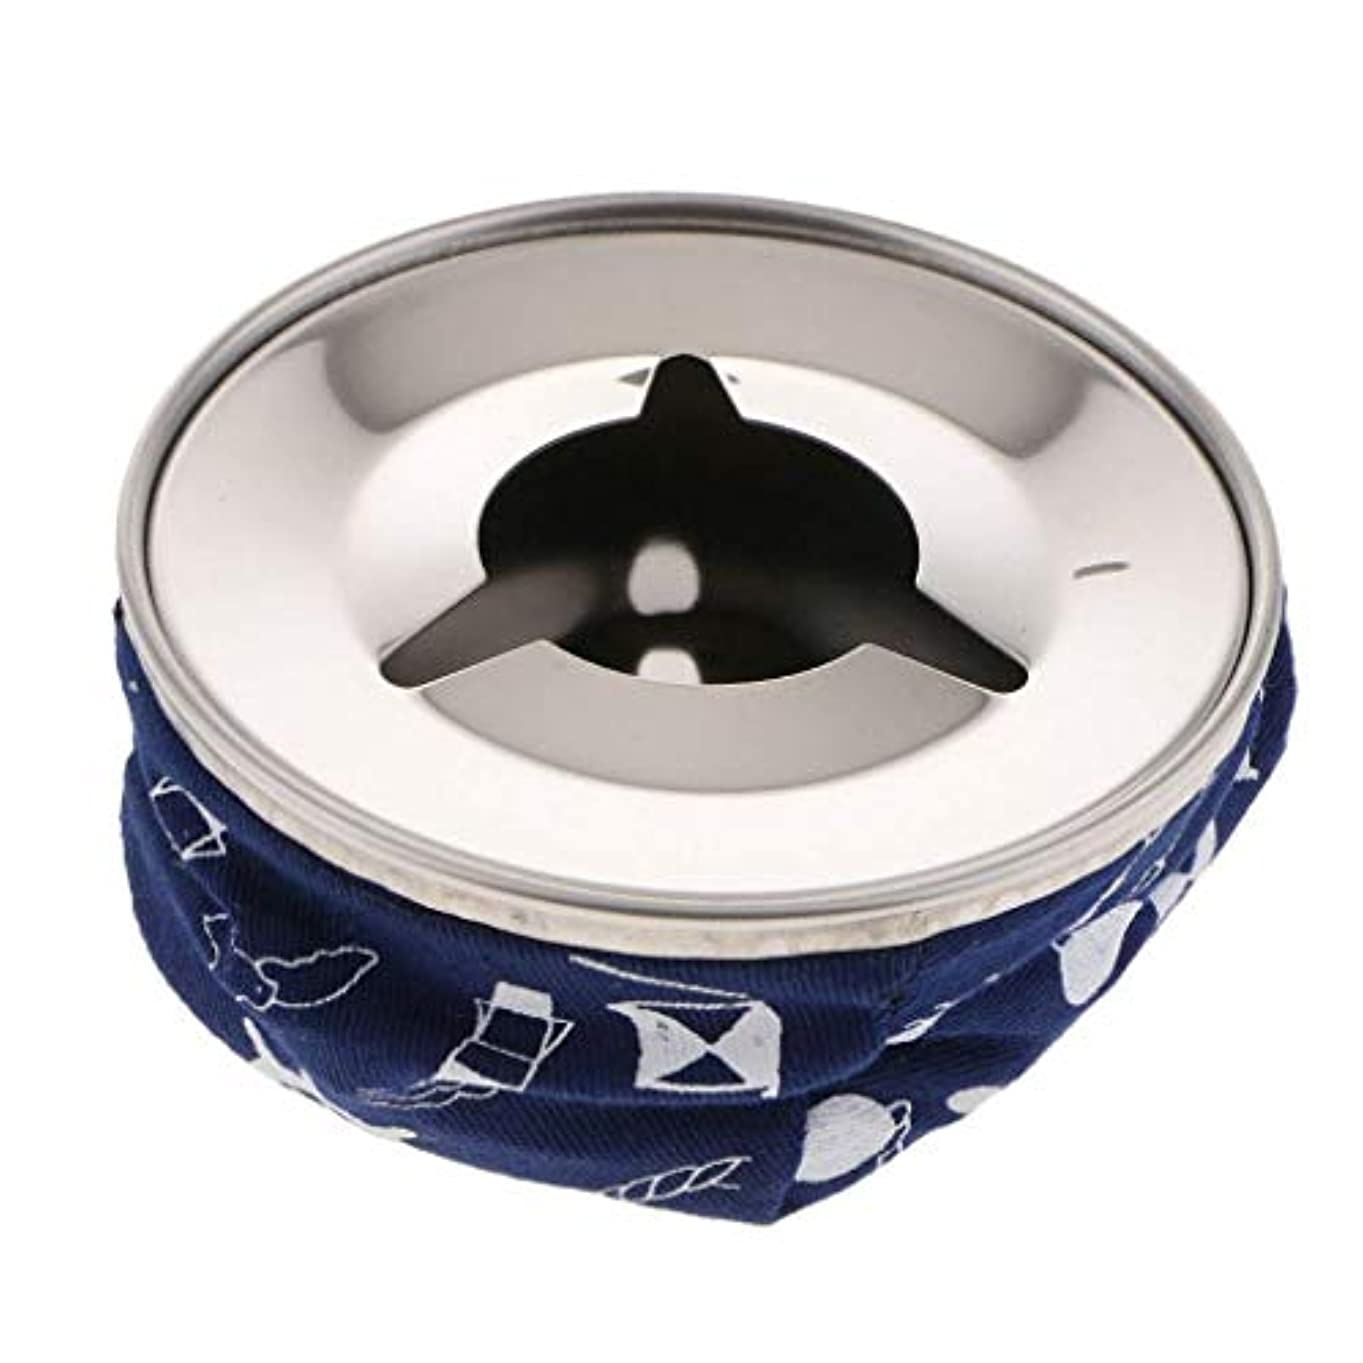 さわやか特別な実質的にFlameerステンレス防風ビーンバッグ灰皿たばこの灰ホルダー、ブルー